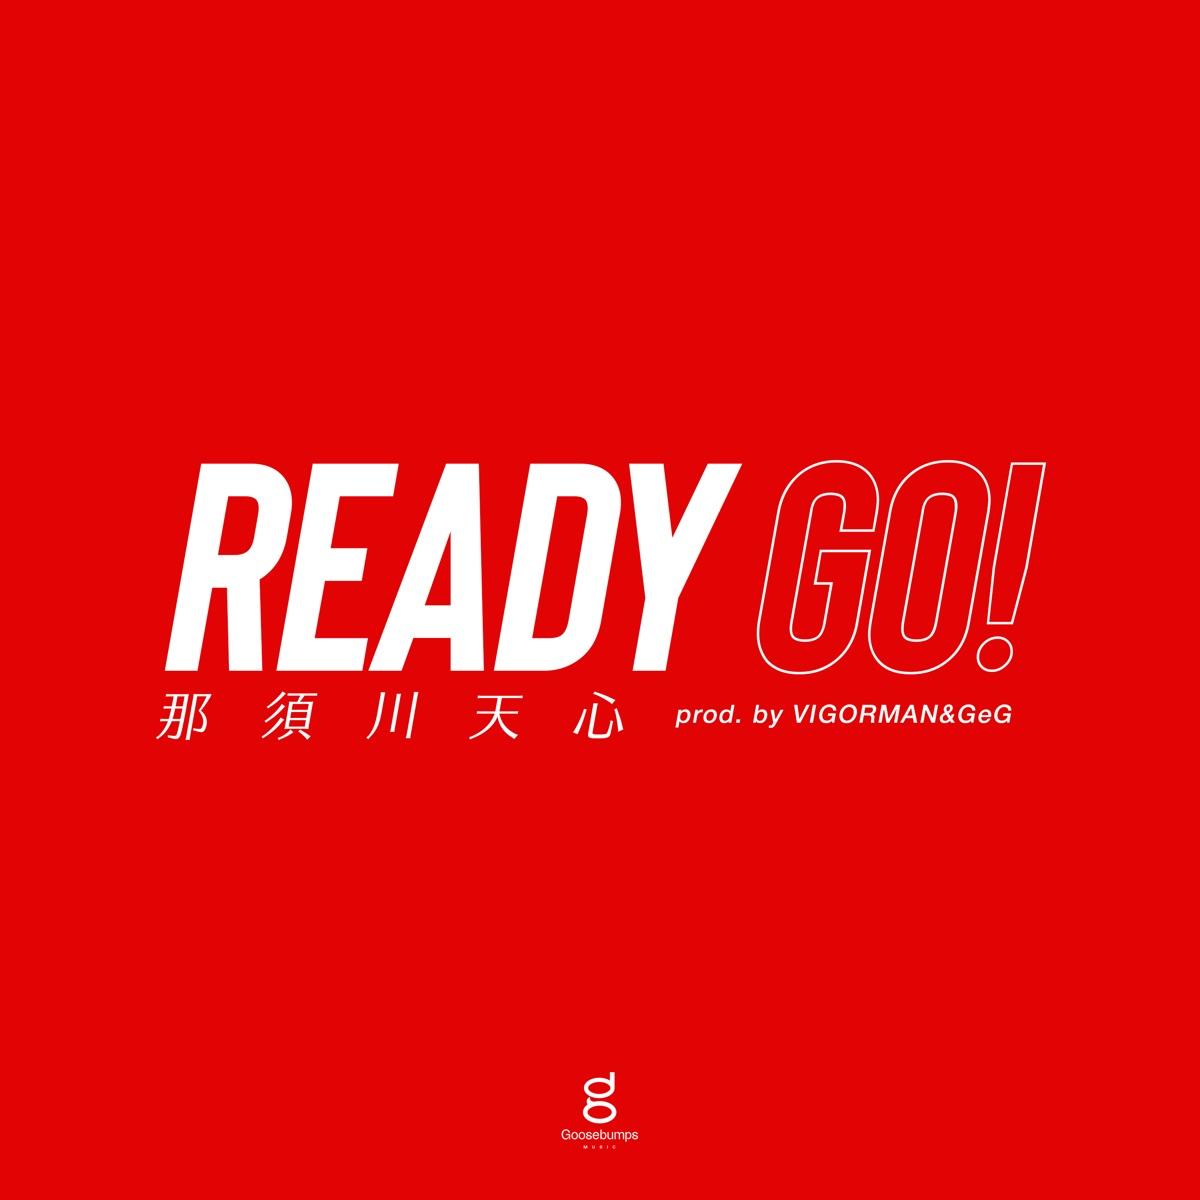 『那須川天心 - Ready Go! (prod. by VIGORMAN & GeG)』収録の『Ready Go! (prod. by VIGORMAN & GeG)』ジャケット